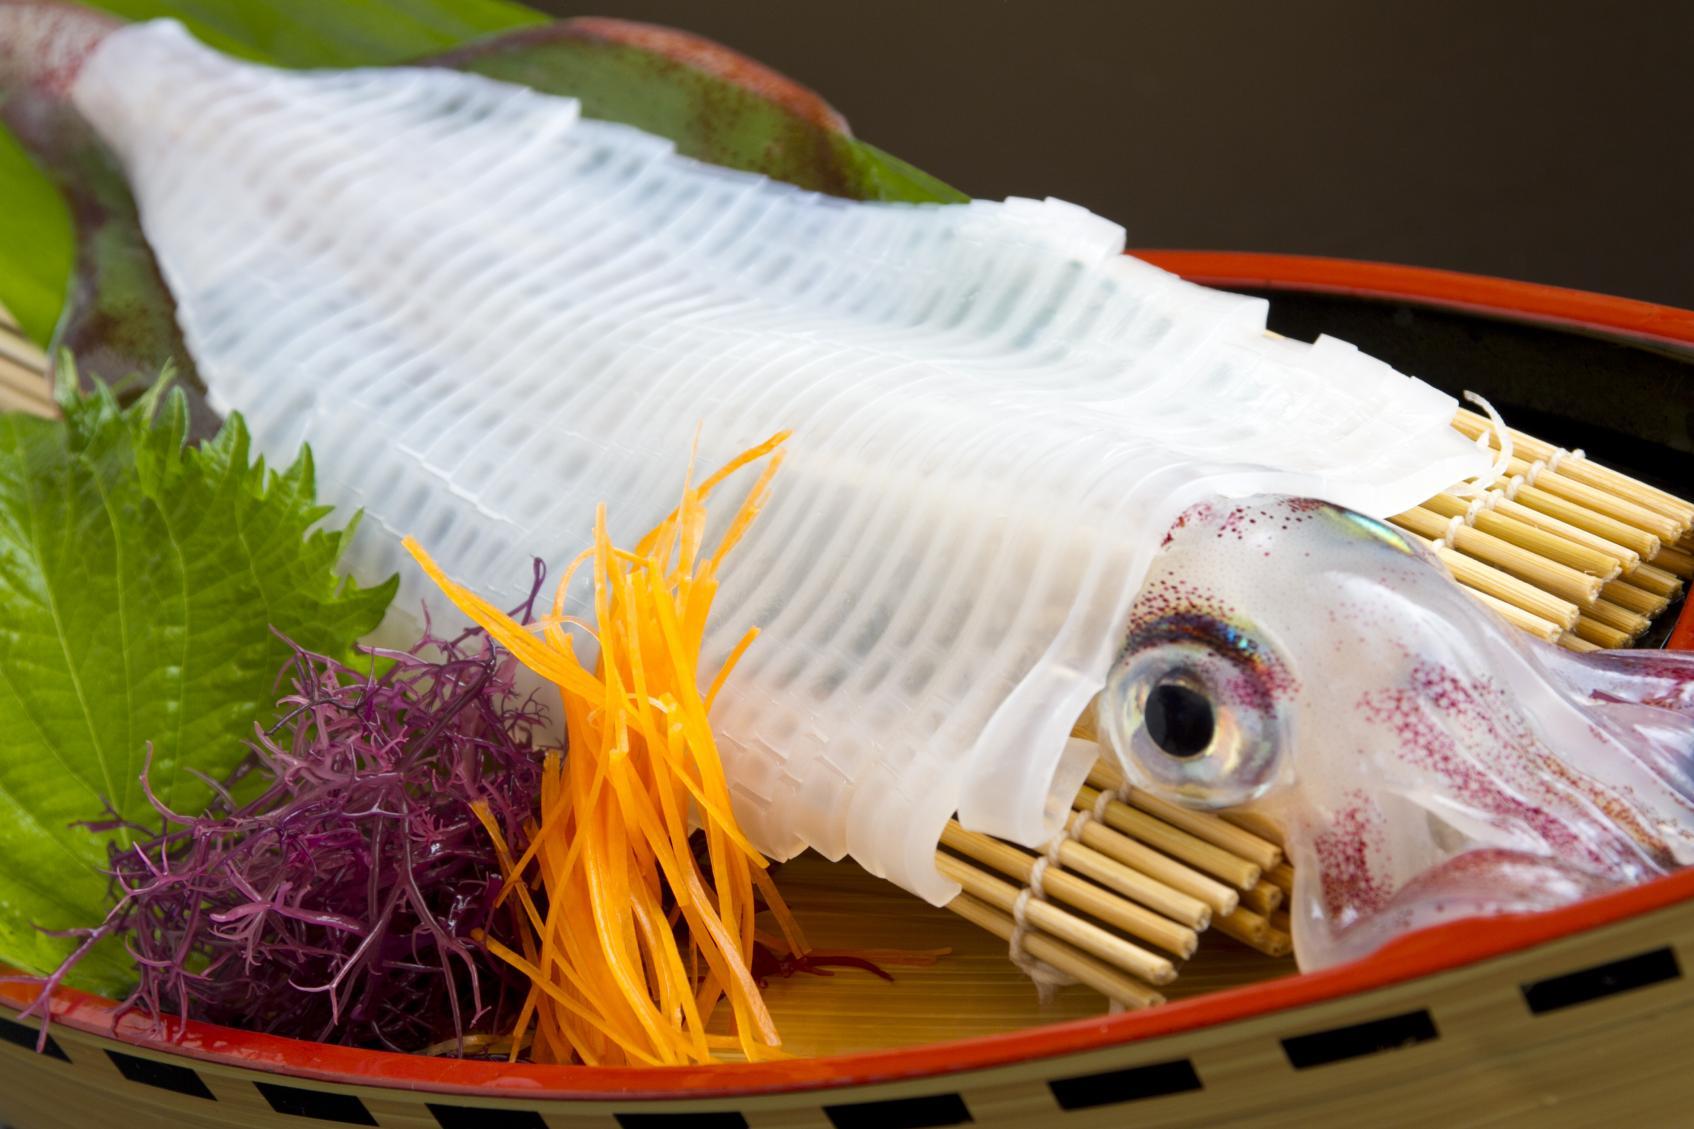 必食!お魚王国で味わう極上の魚介類-2